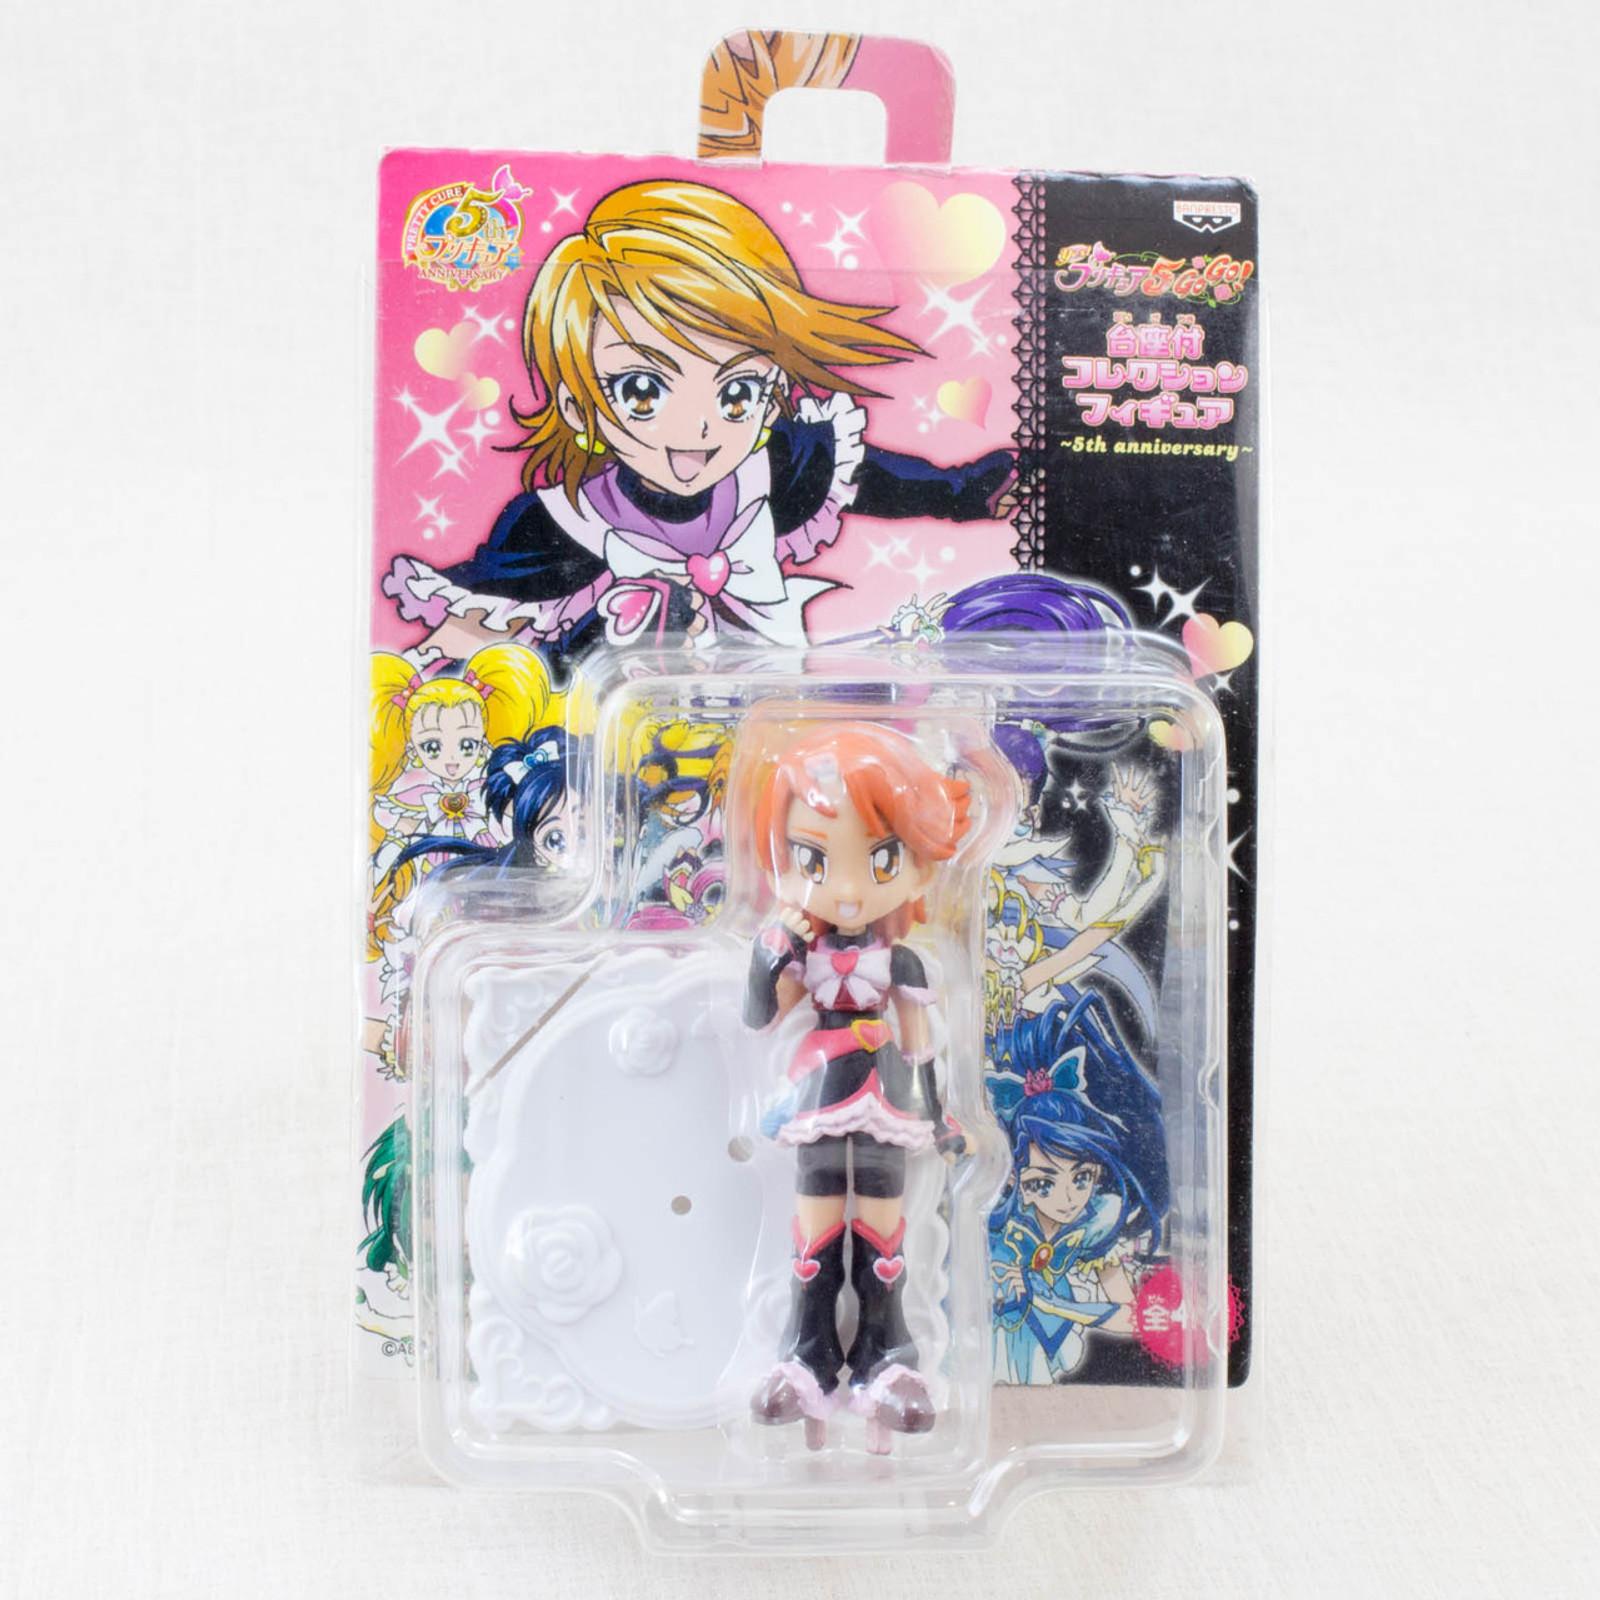 Futari wa Pretty Cure Cure Black Collection Figure w/Stand Banpresto JAPAN